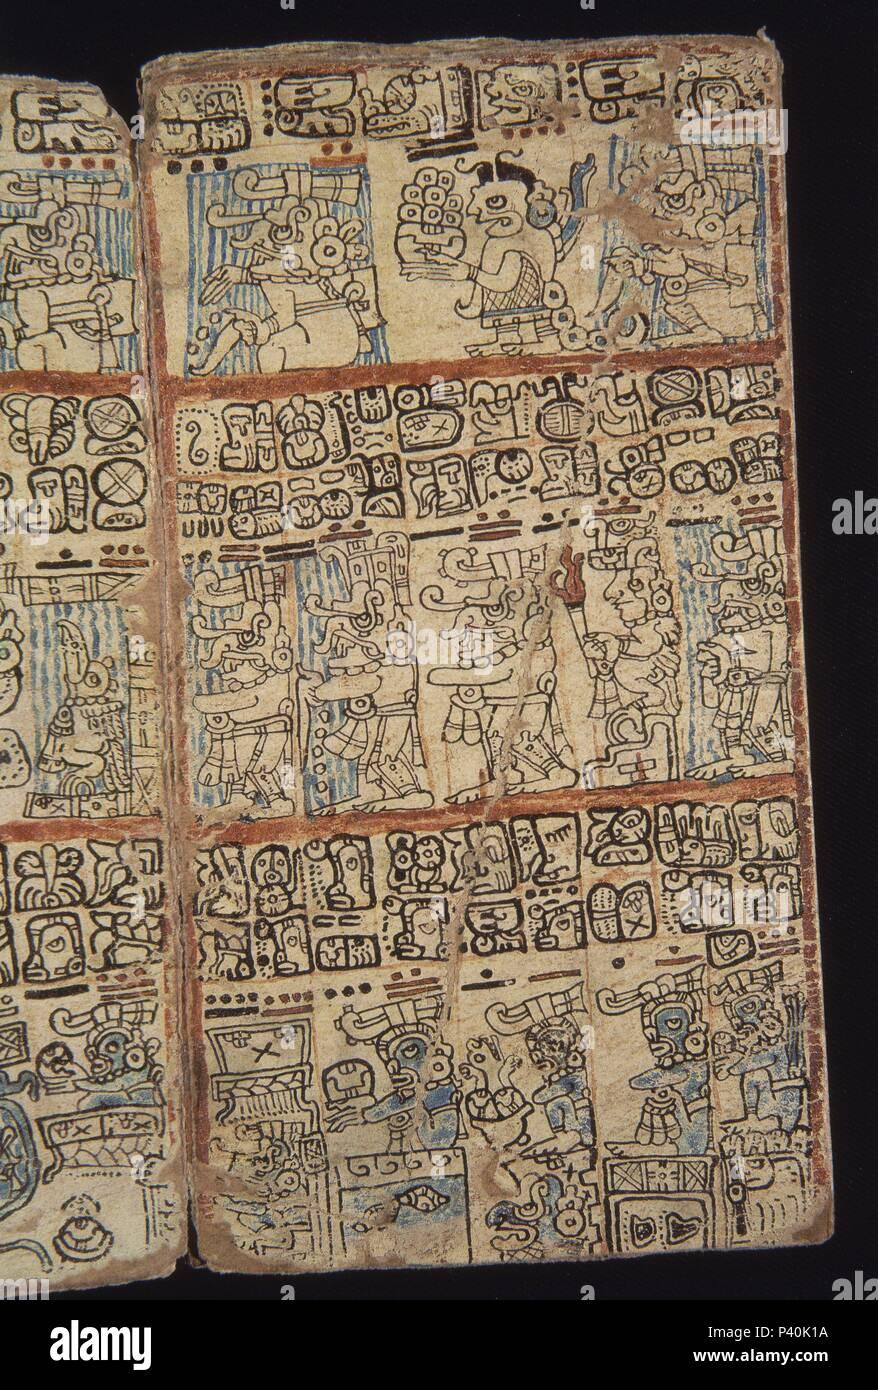 FACSIMIL-PAGINA DEL CODICE TRO-CORTESIANO-CULT MAYA-DIOSES Y HOMBRES - S XIII AL XV. Location: MUSEO DE AMERICA-COLECCION, MADRID, SPAIN. - Stock Image